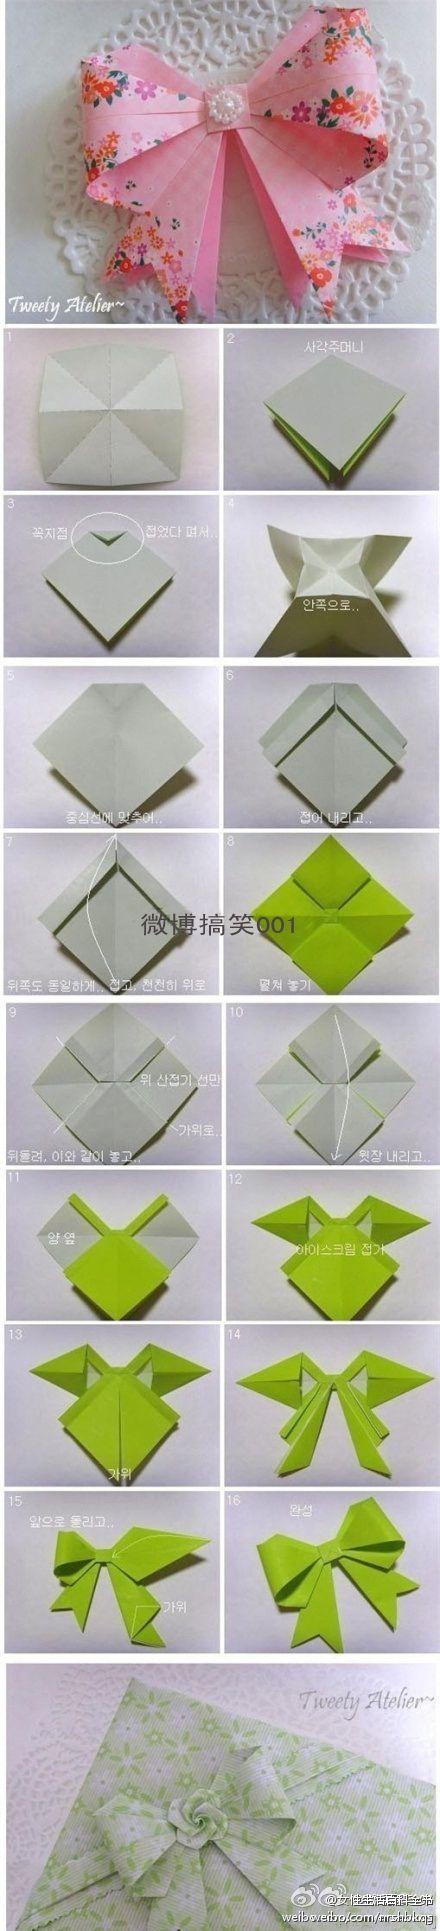 Origami BowsBows Ties, Gift Bows, Bows Tutorials, Origami Paper, Paper Bows, Make A Bows, Gift Wraps, Origami Bows, Crafts